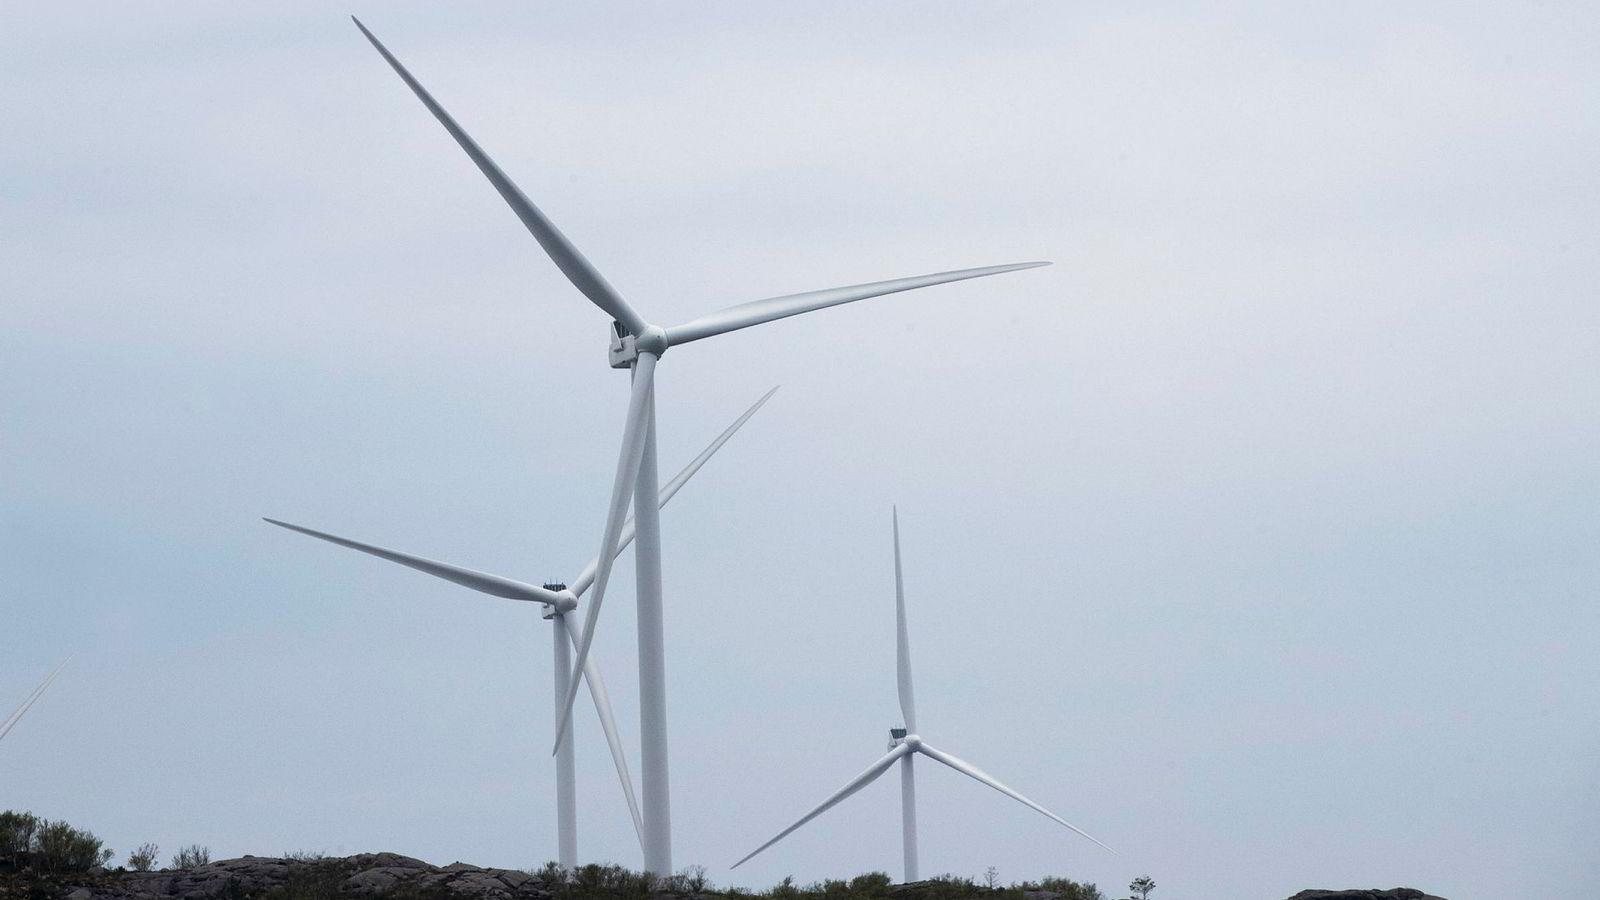 I møte med utsikter til at det norske behovet for kraft skulle øke, innebærer foreløpig planen å løse dette med utbygging av vindkraft, skriver artikkelforfatterne.